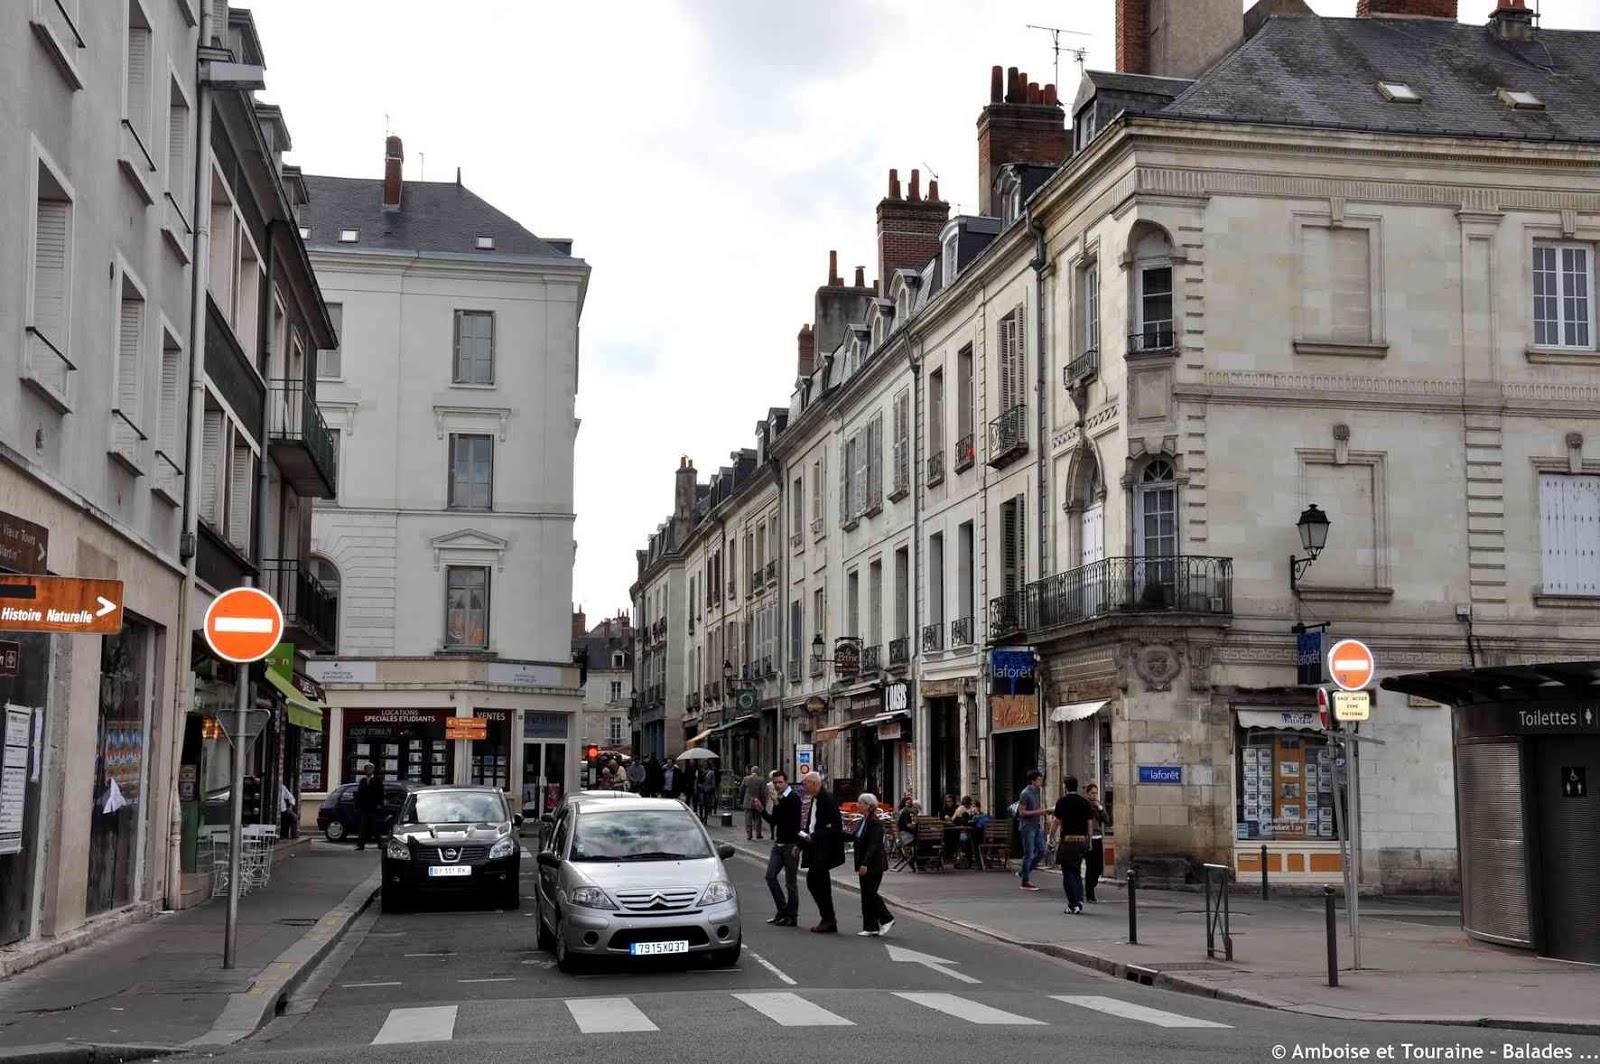 Amboise et touraine balades tours la rue du commerce - Rue du commerce literie ...